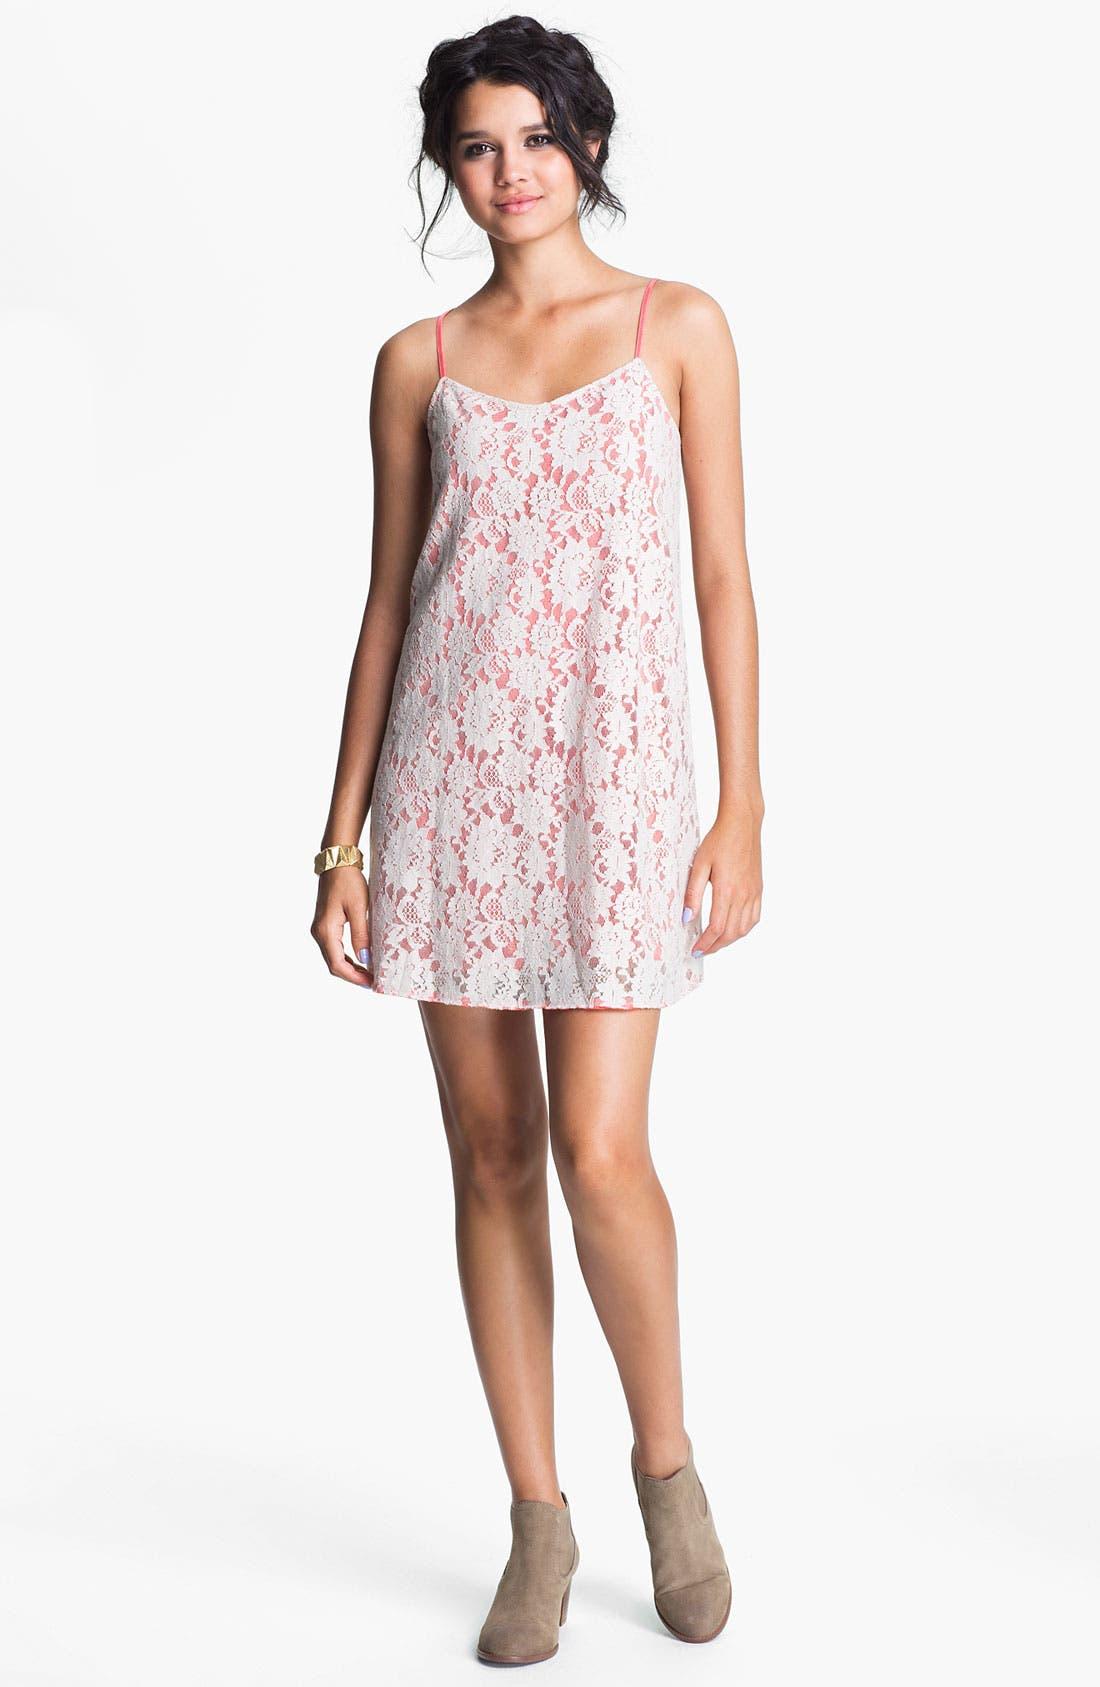 Main Image - Frenchi® 'Fairytale' Lace Slip Dress (Juniors)